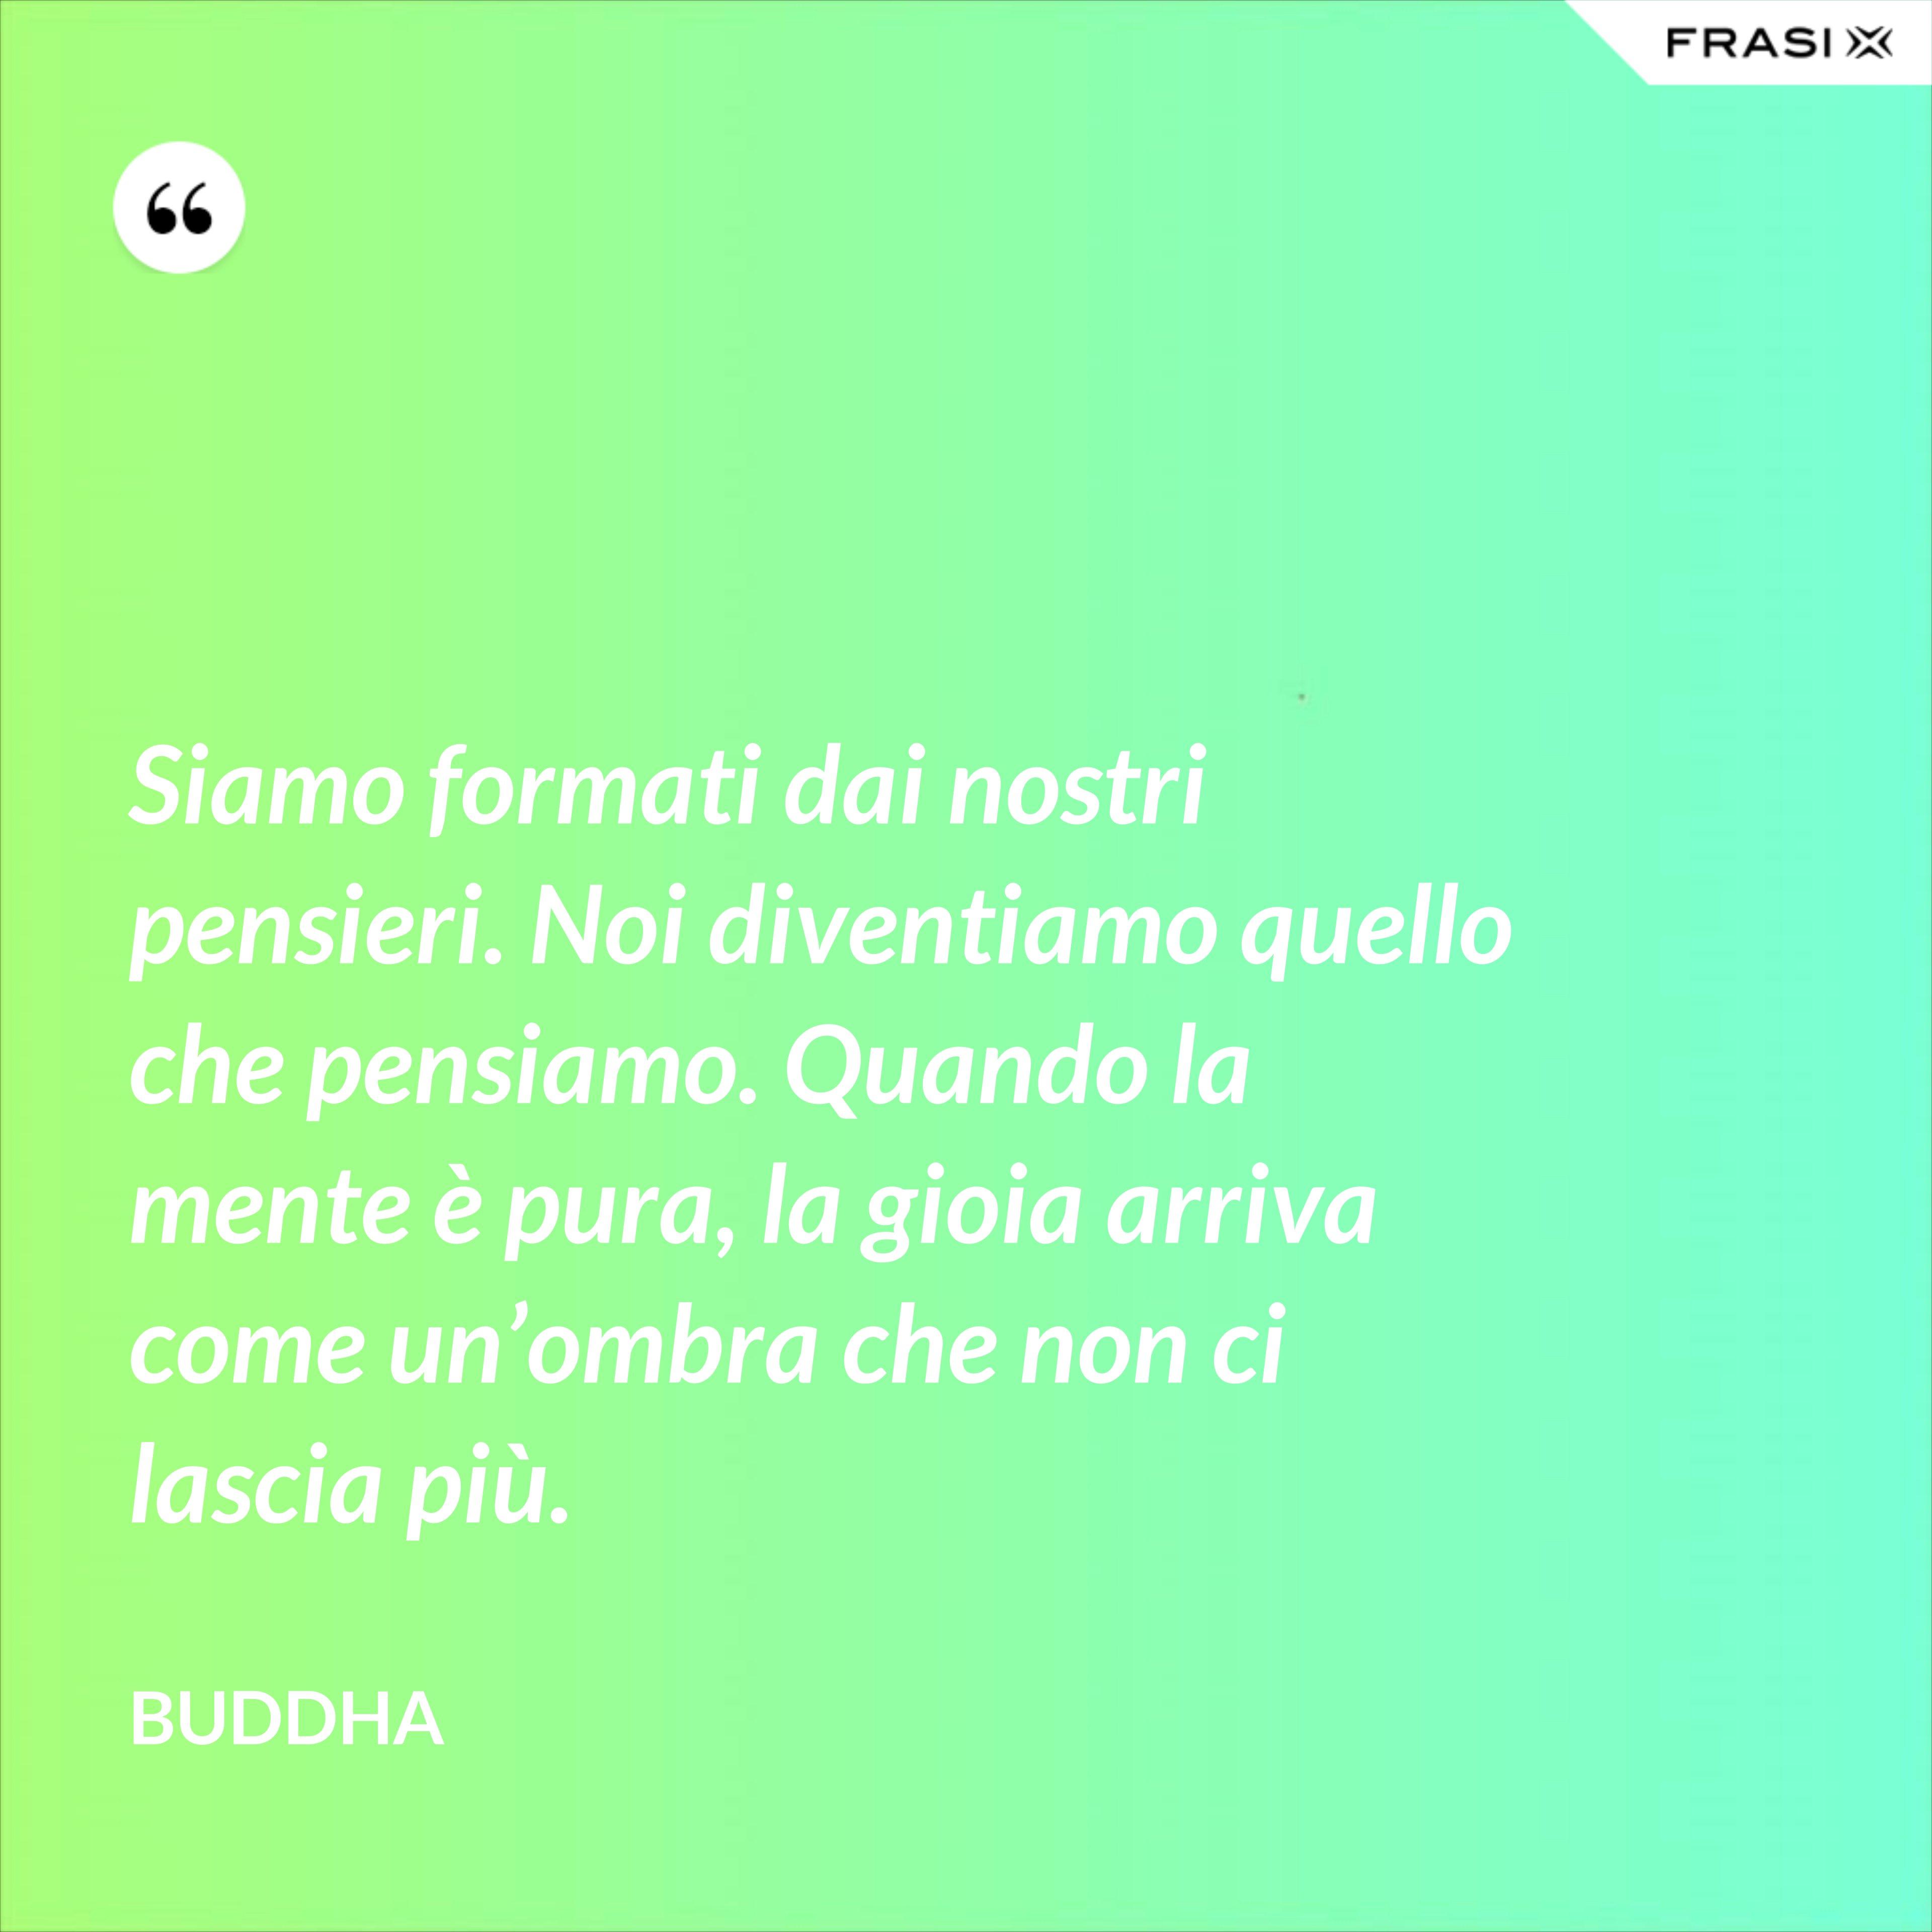 Siamo formati dai nostri pensieri. Noi diventiamo quello che pensiamo. Quando la mente è pura, la gioia arriva come un'ombra che non ci lascia più. - Buddha